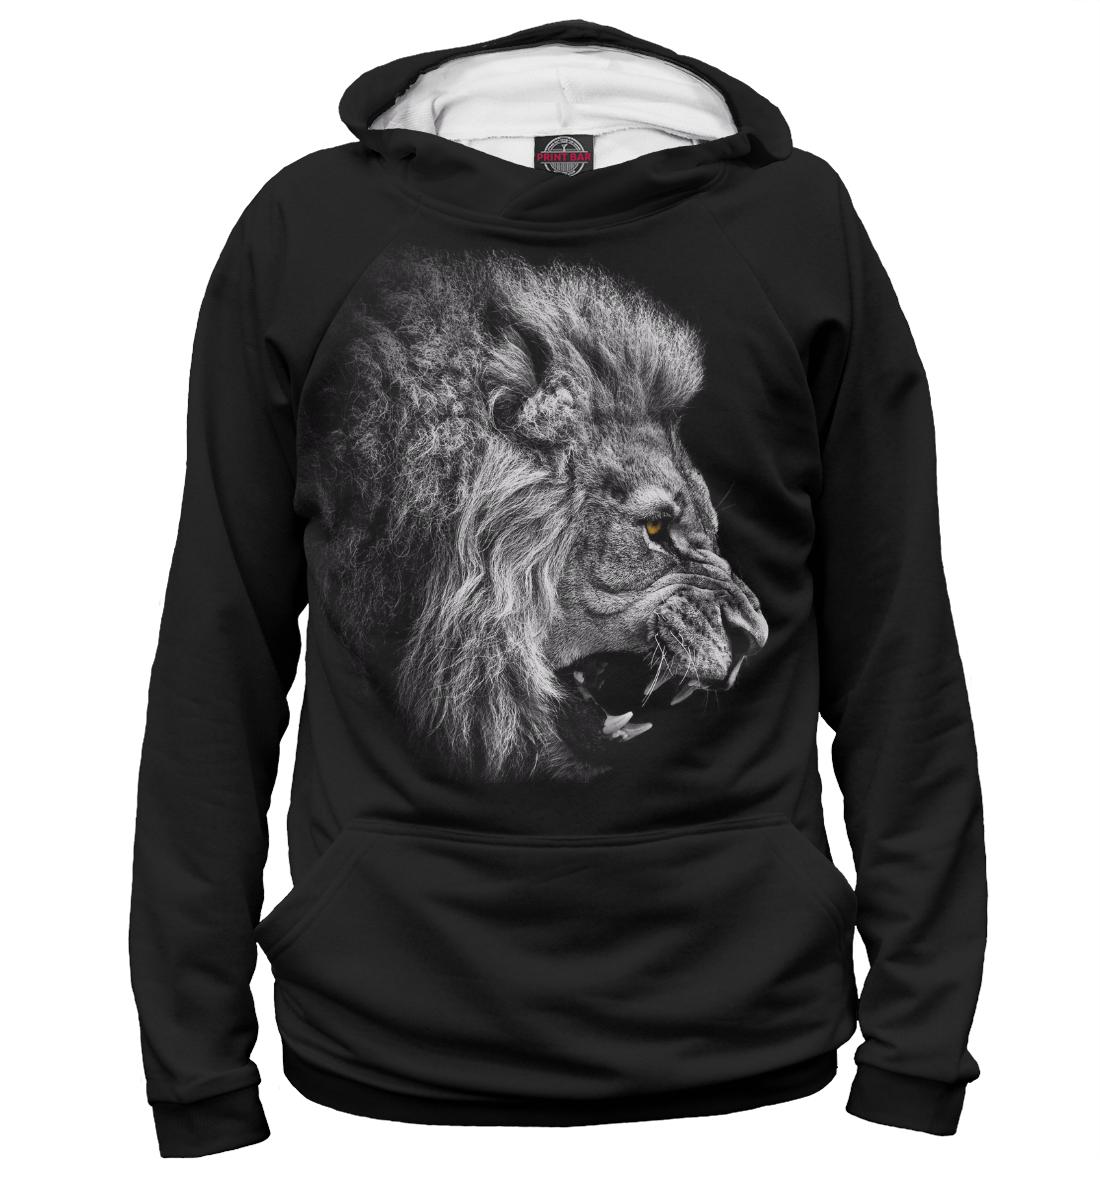 Лев рычащий vel vel 03 01 02 00400 лев рычащий